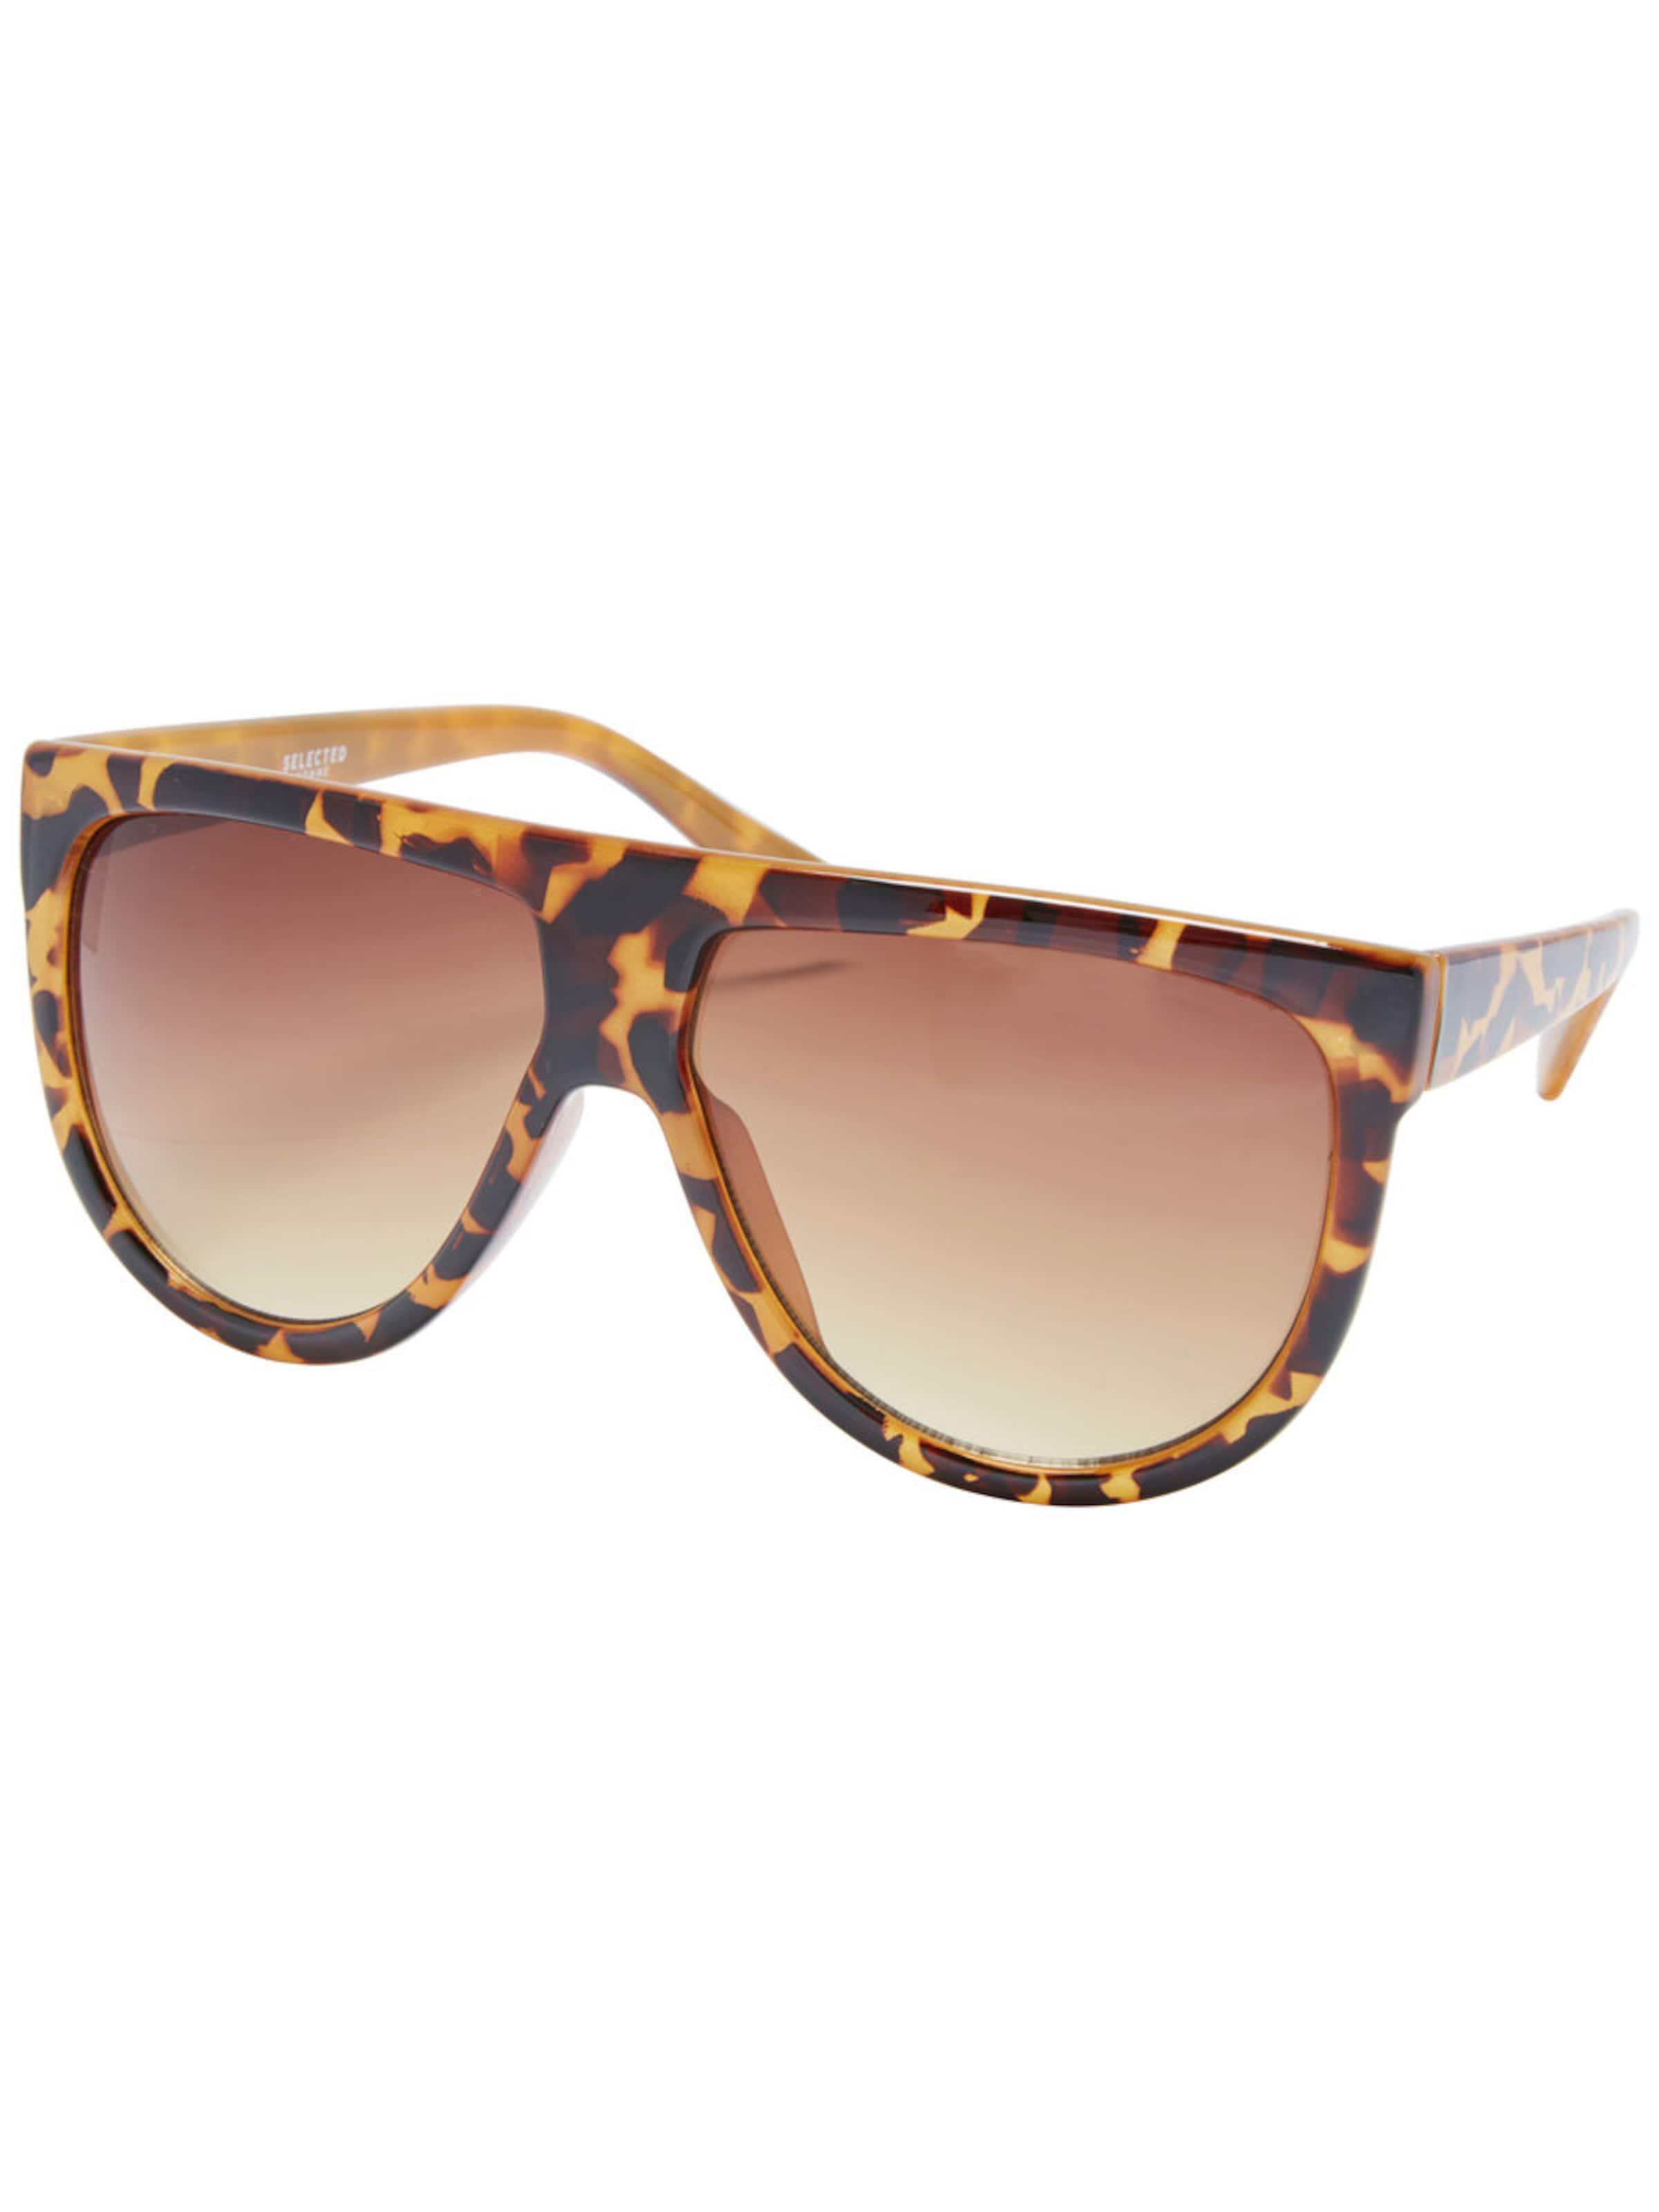 SELECTED FEMME Einheitsgrößen Sonnenbrille Aus Deutschland Günstig Online Freies Verschiffen-Spielraum Store exHpyzIQ